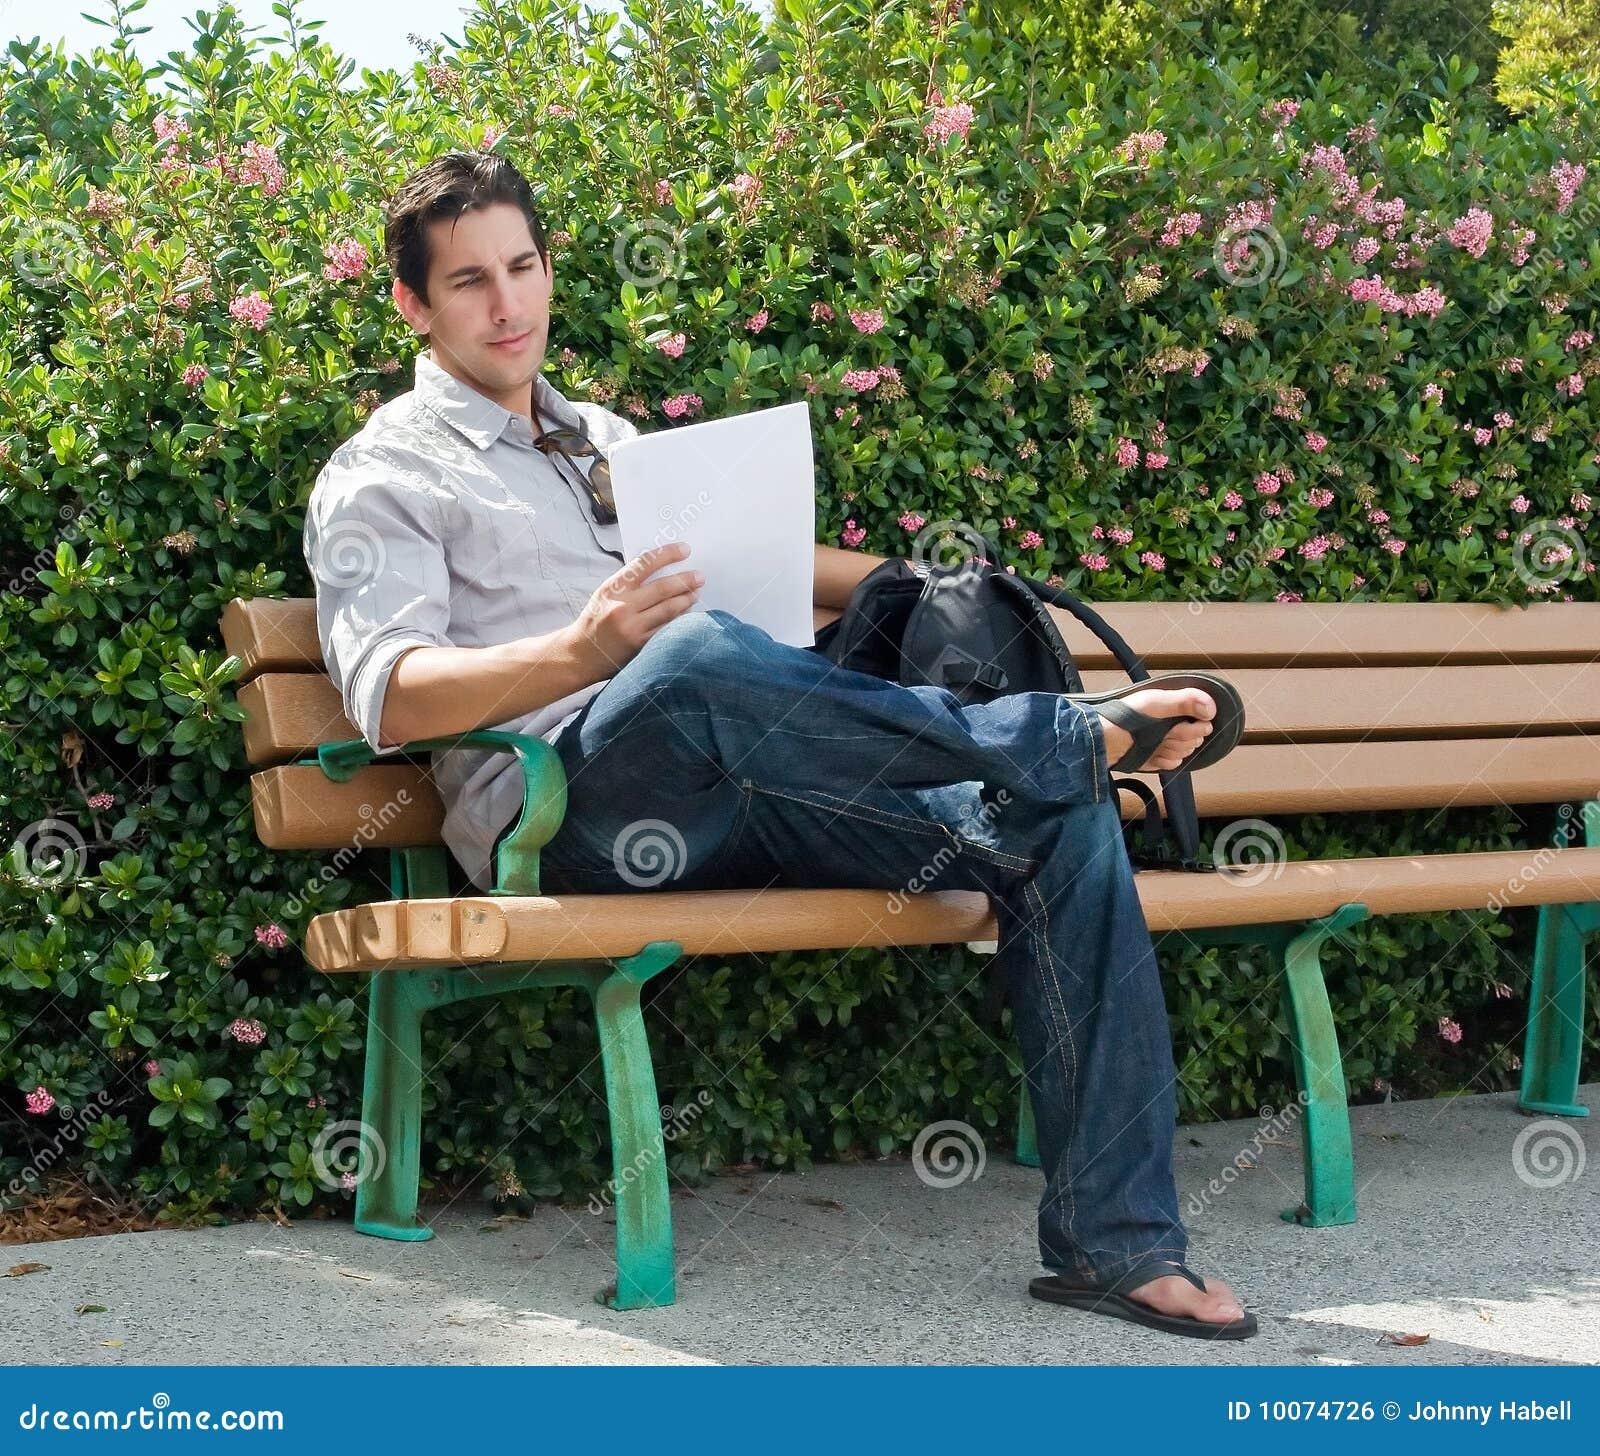 El sentarse en banco de parque foto de archivo imagen - Fotos de bancos para sentarse ...